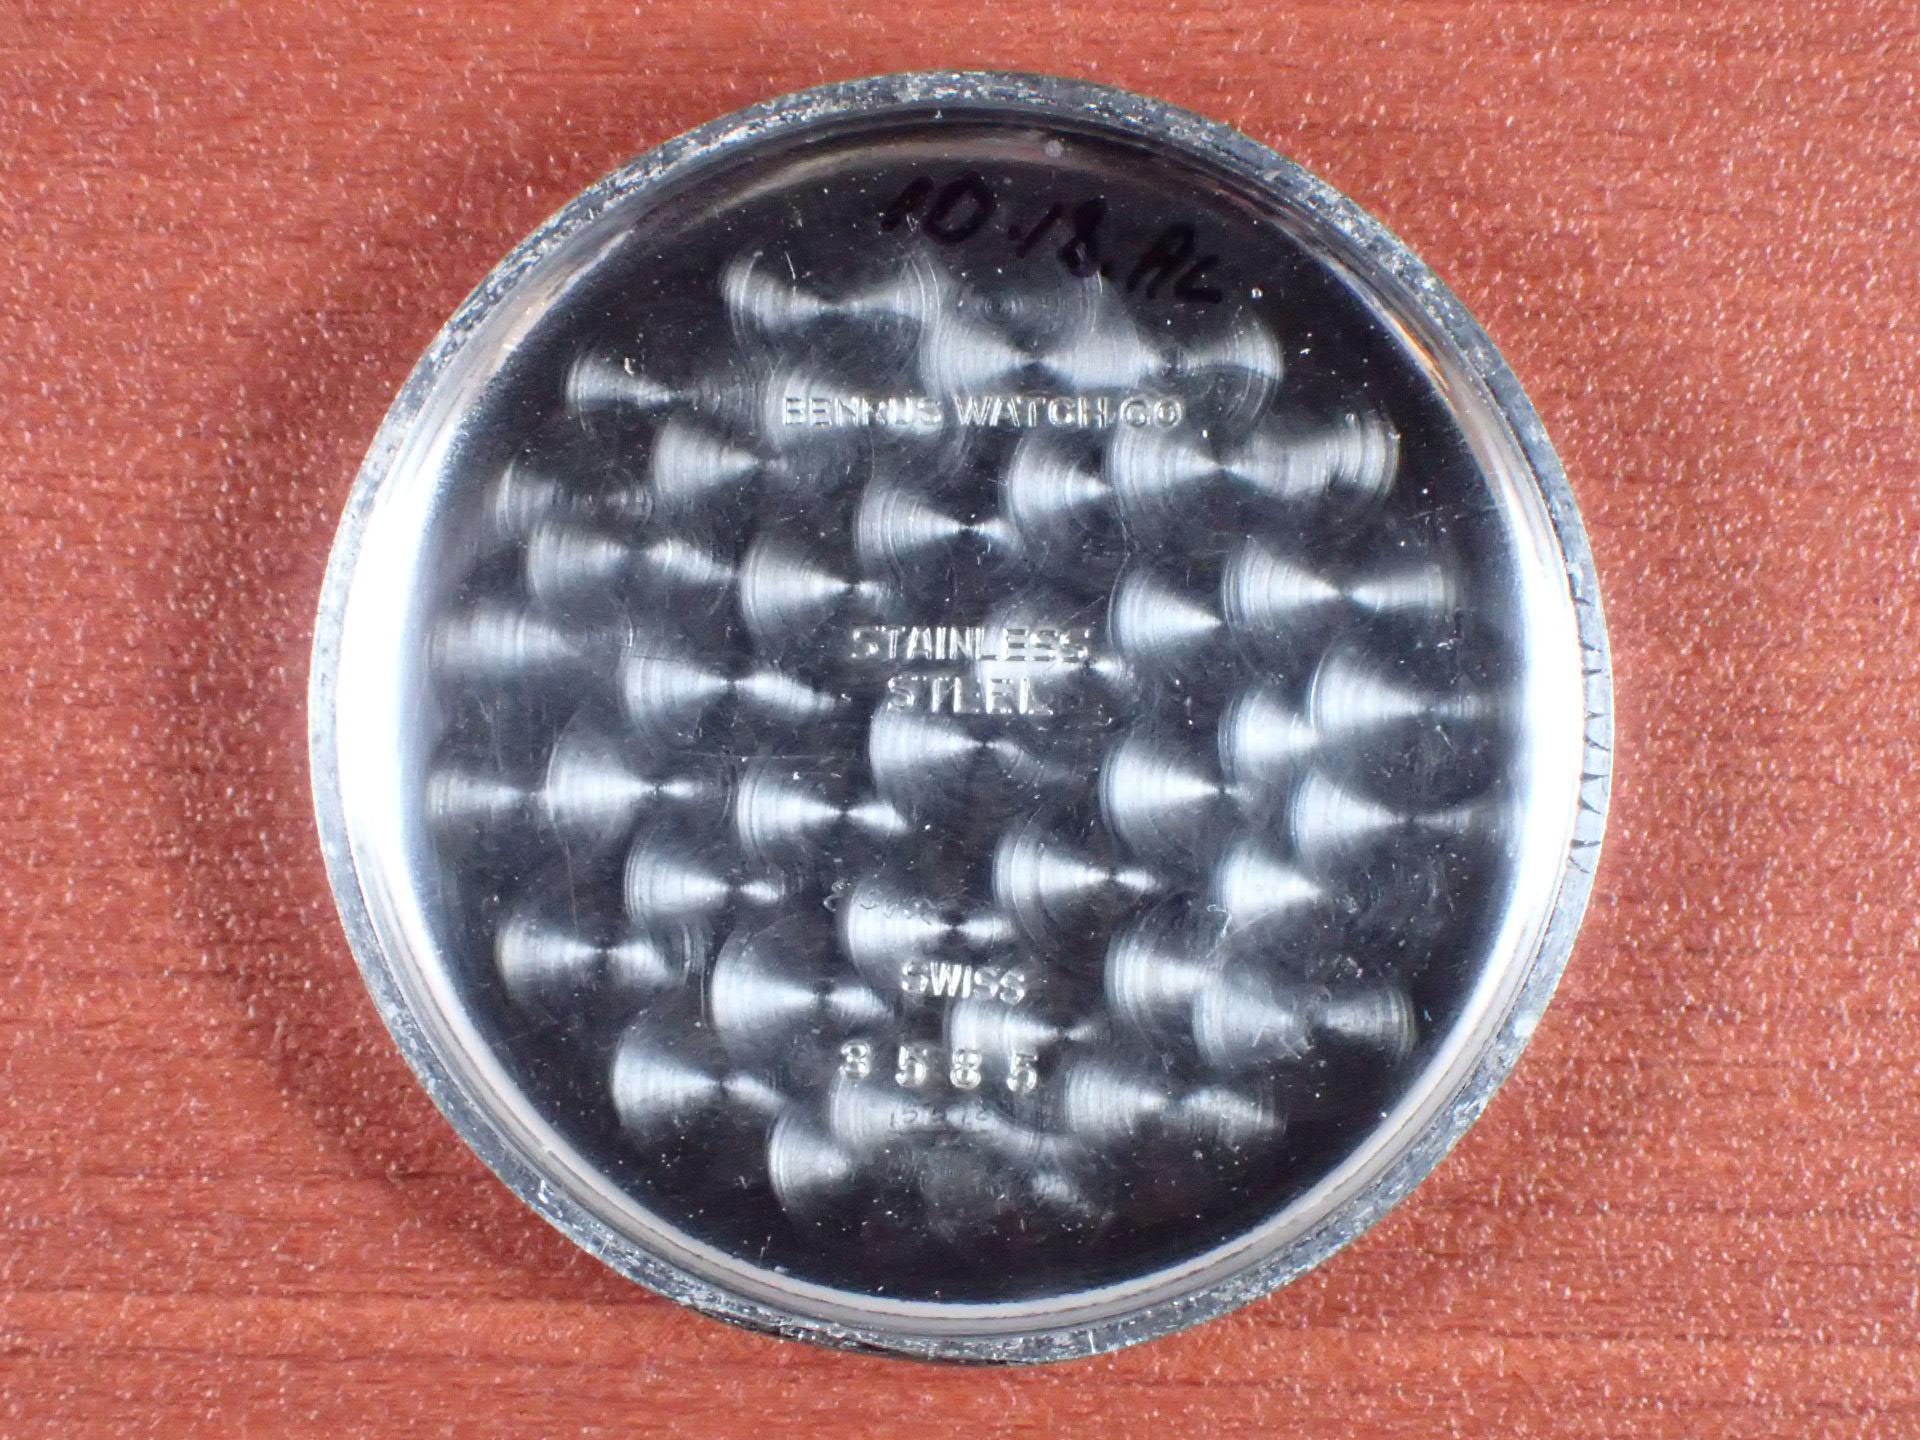 ベンラス スカイチーフ Cal.Venus178 ブラックミラーダイアル 1940年代の写真6枚目